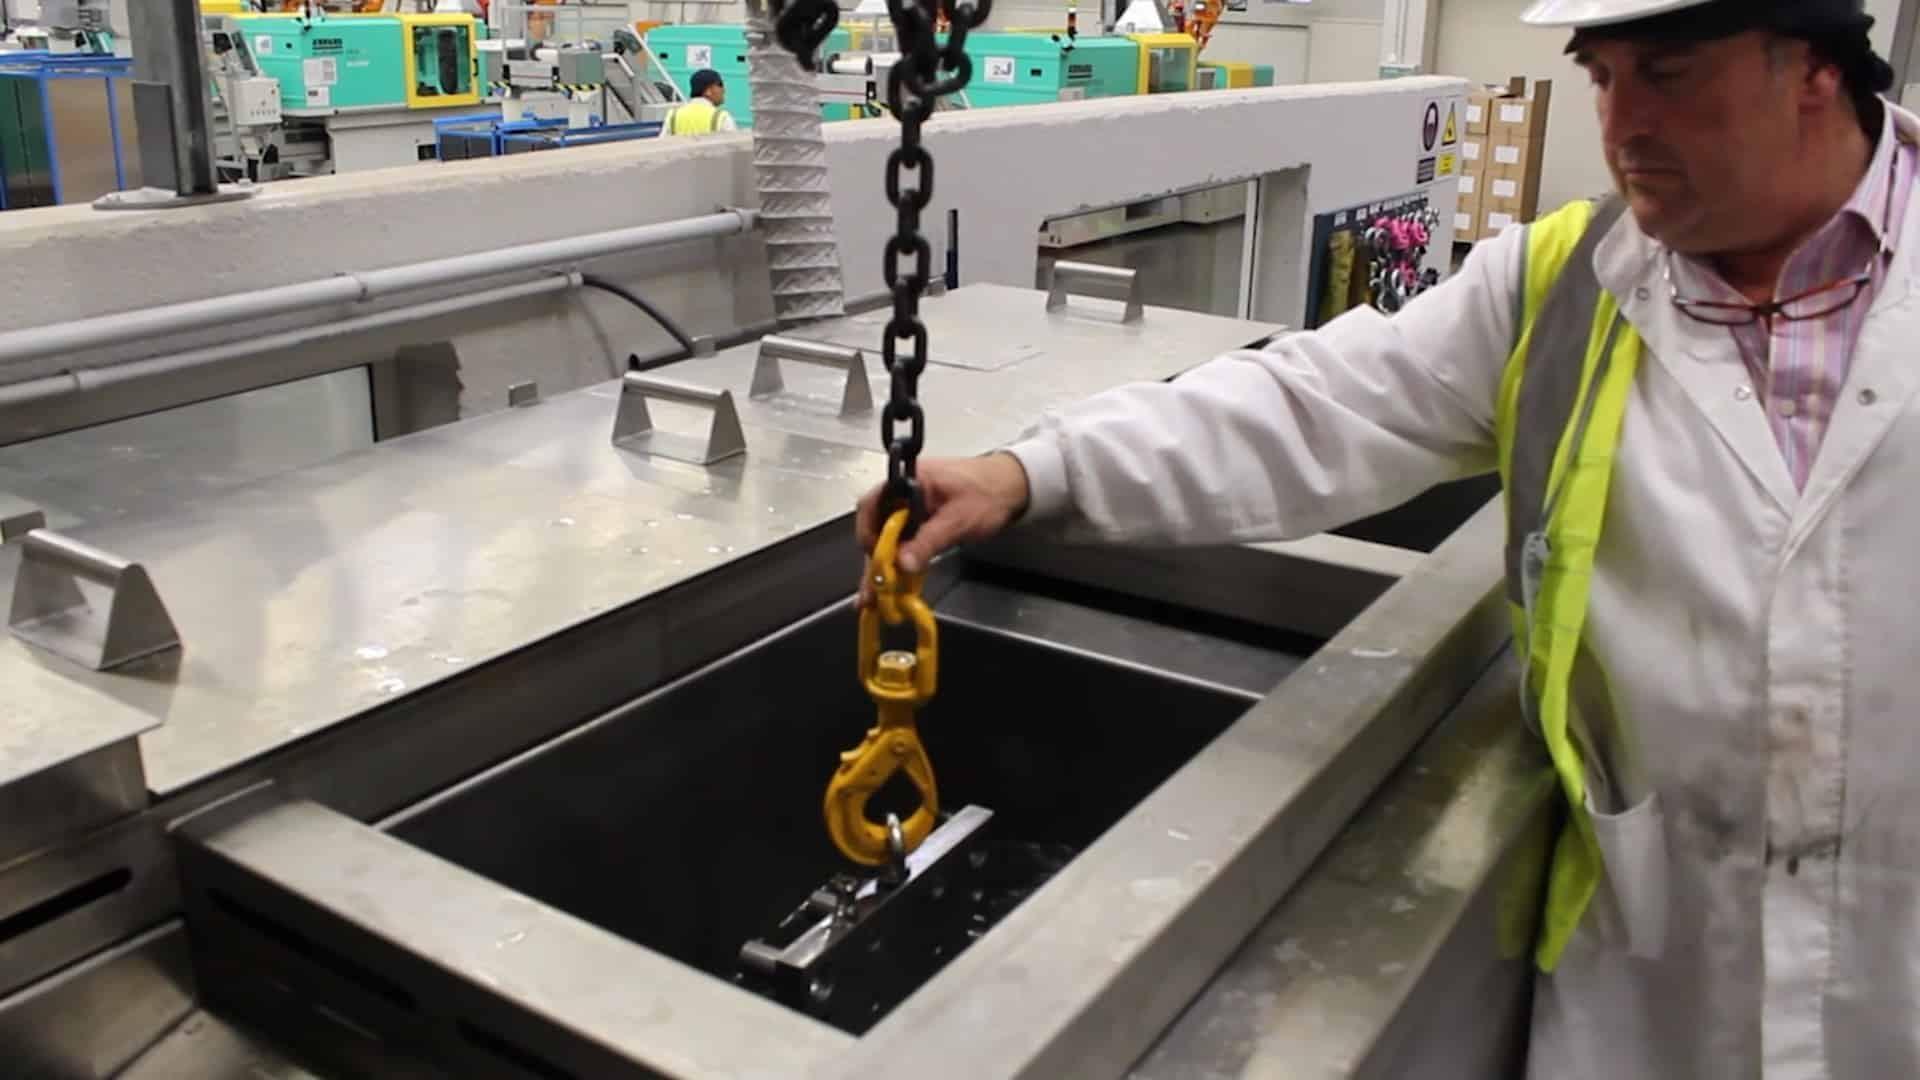 equipo-a-medida-limpieza-moldes.-ultrasonidos-brio